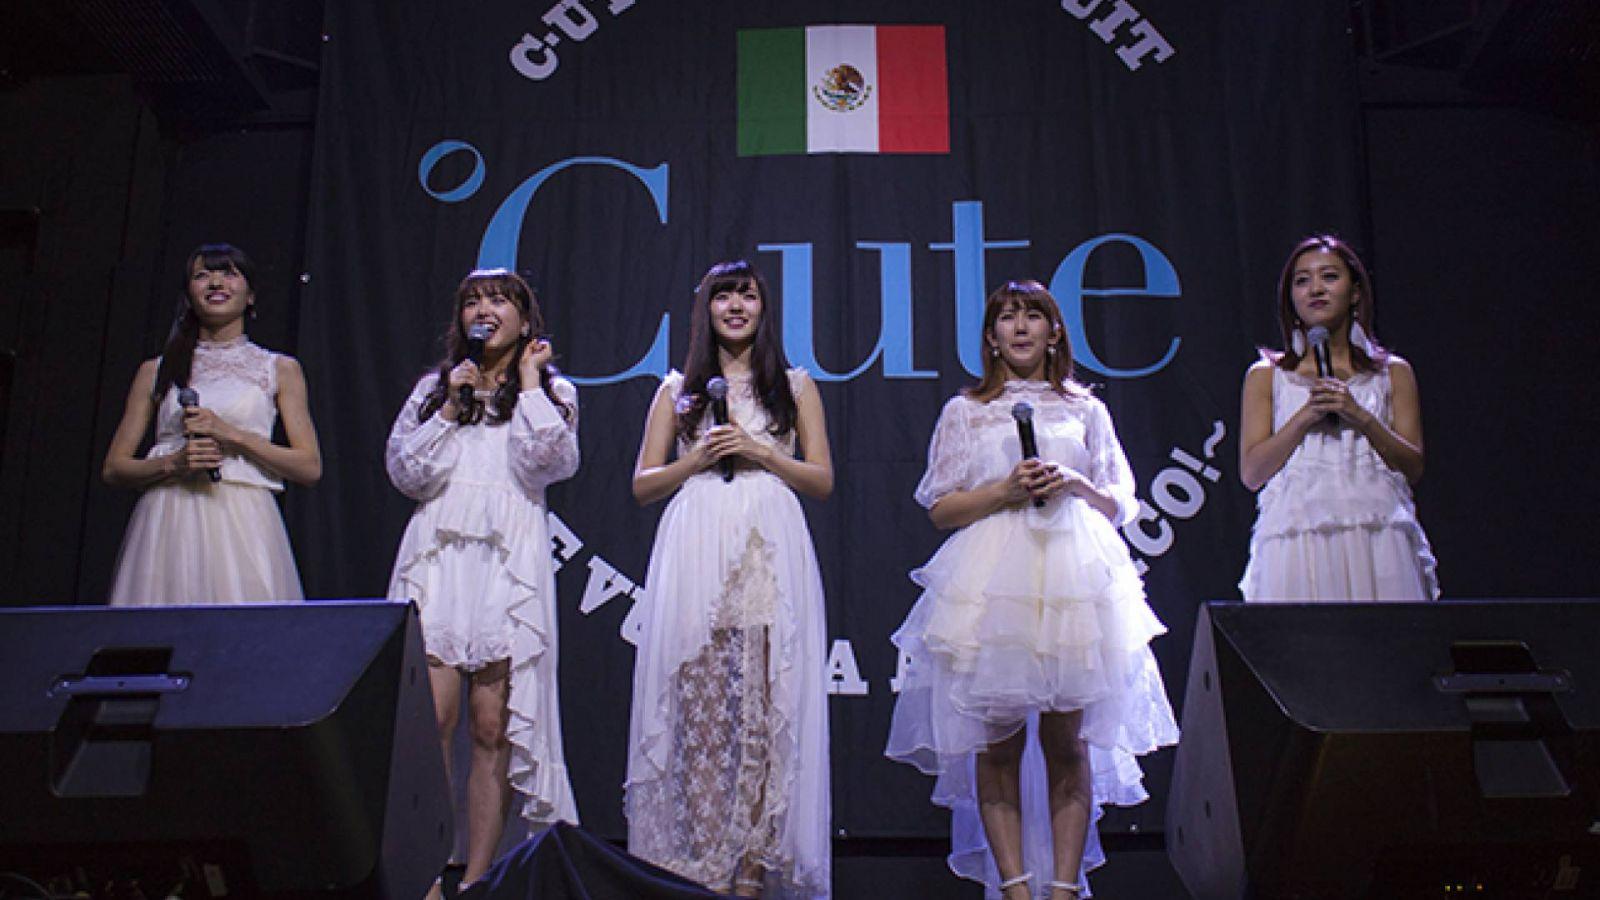 Rueda de prensa con °C-ute en México © JaME - Maria Fernanda Paula Terrazas